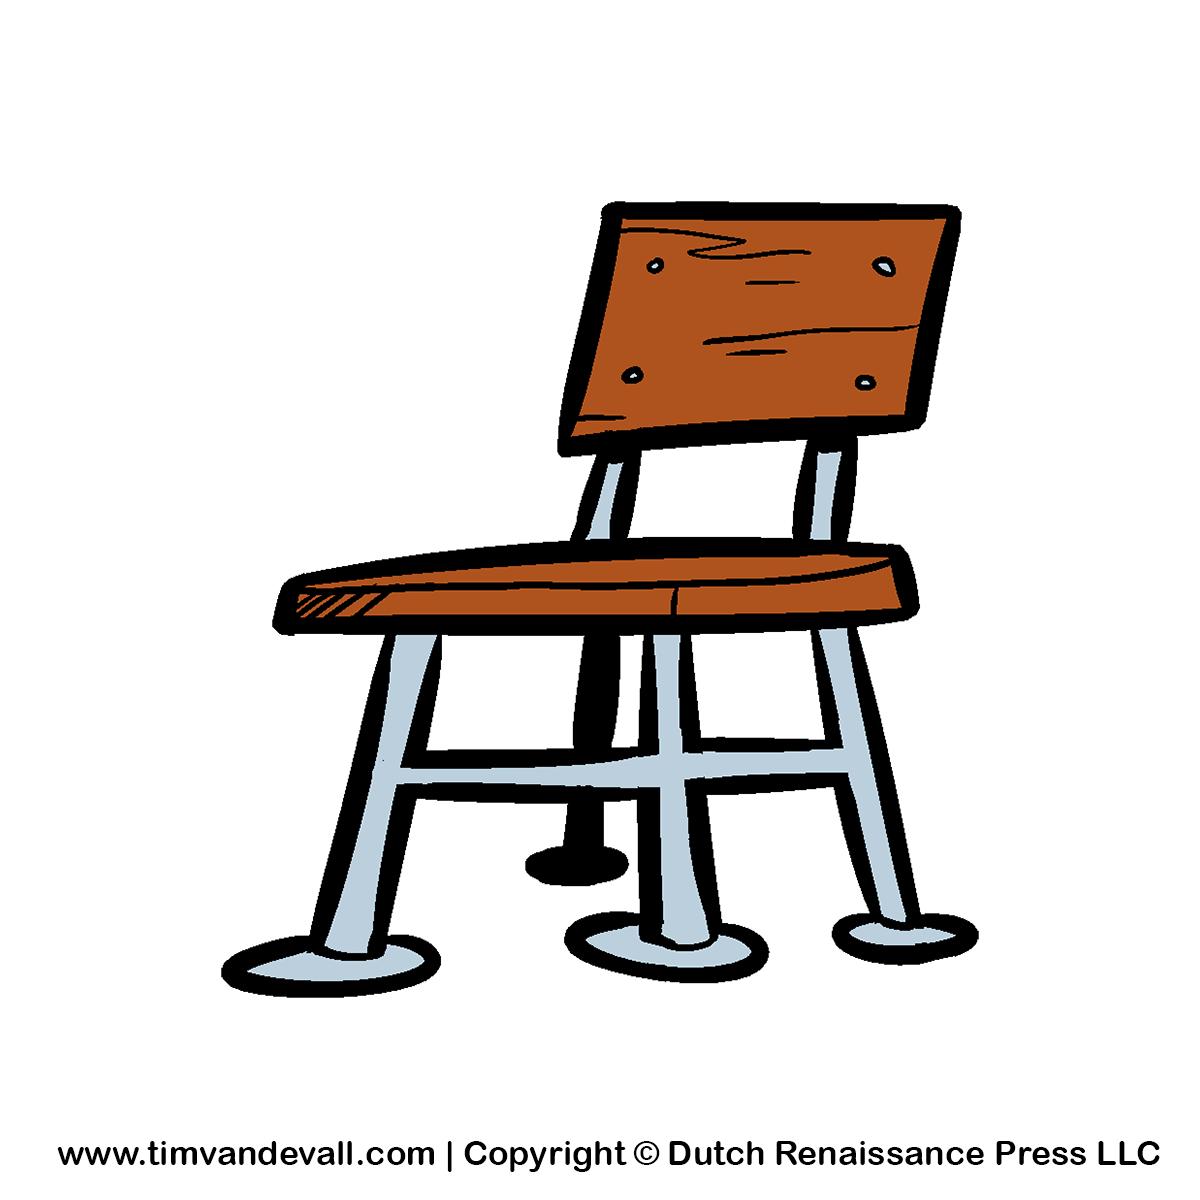 Chair Clipart Cartoon Chair Cartoon Transparent Free For